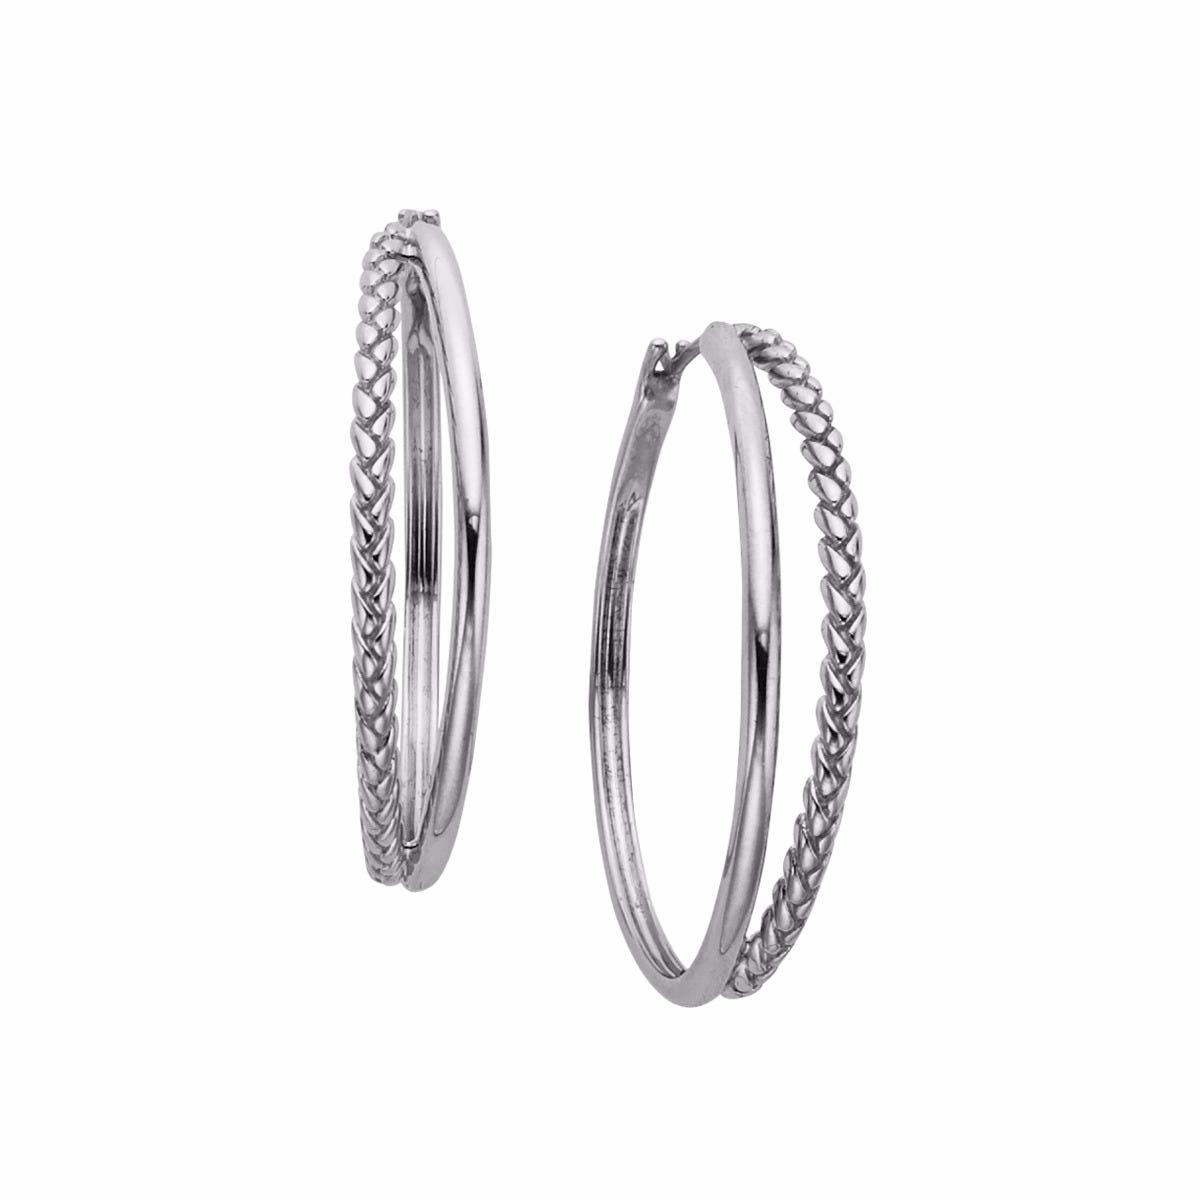 Detached Braid Hoop Earrings in Sterling Silver